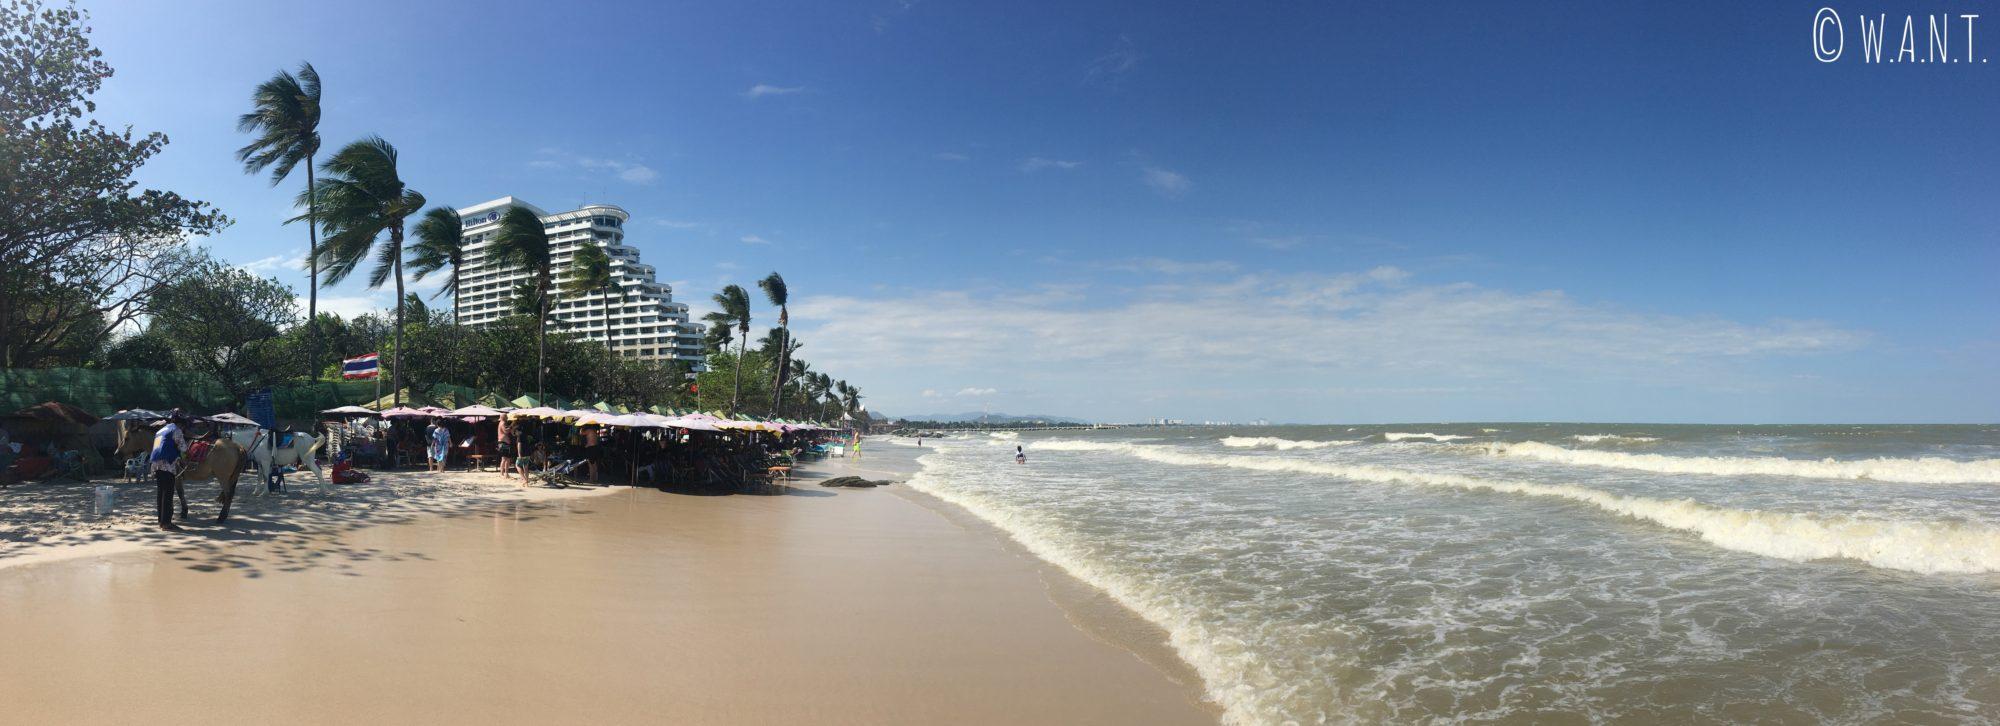 Le vent souffle très fort sur la plage de Hua Hin